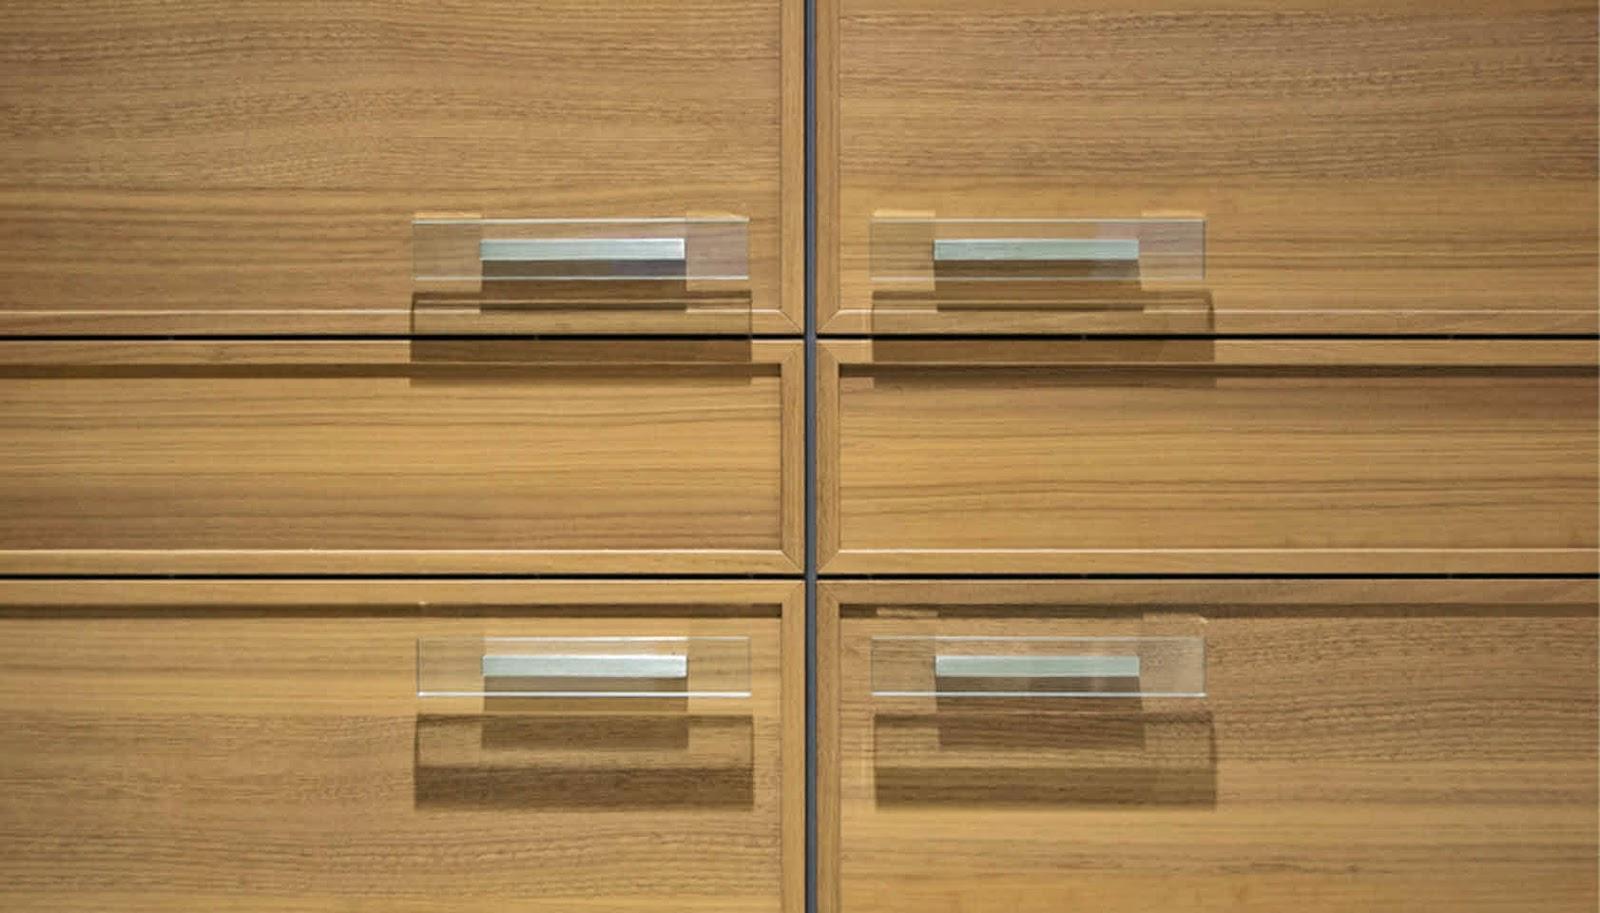 Tiradores de cocina peque os y necesarios accesorios - Tiradores rusticos para muebles ...